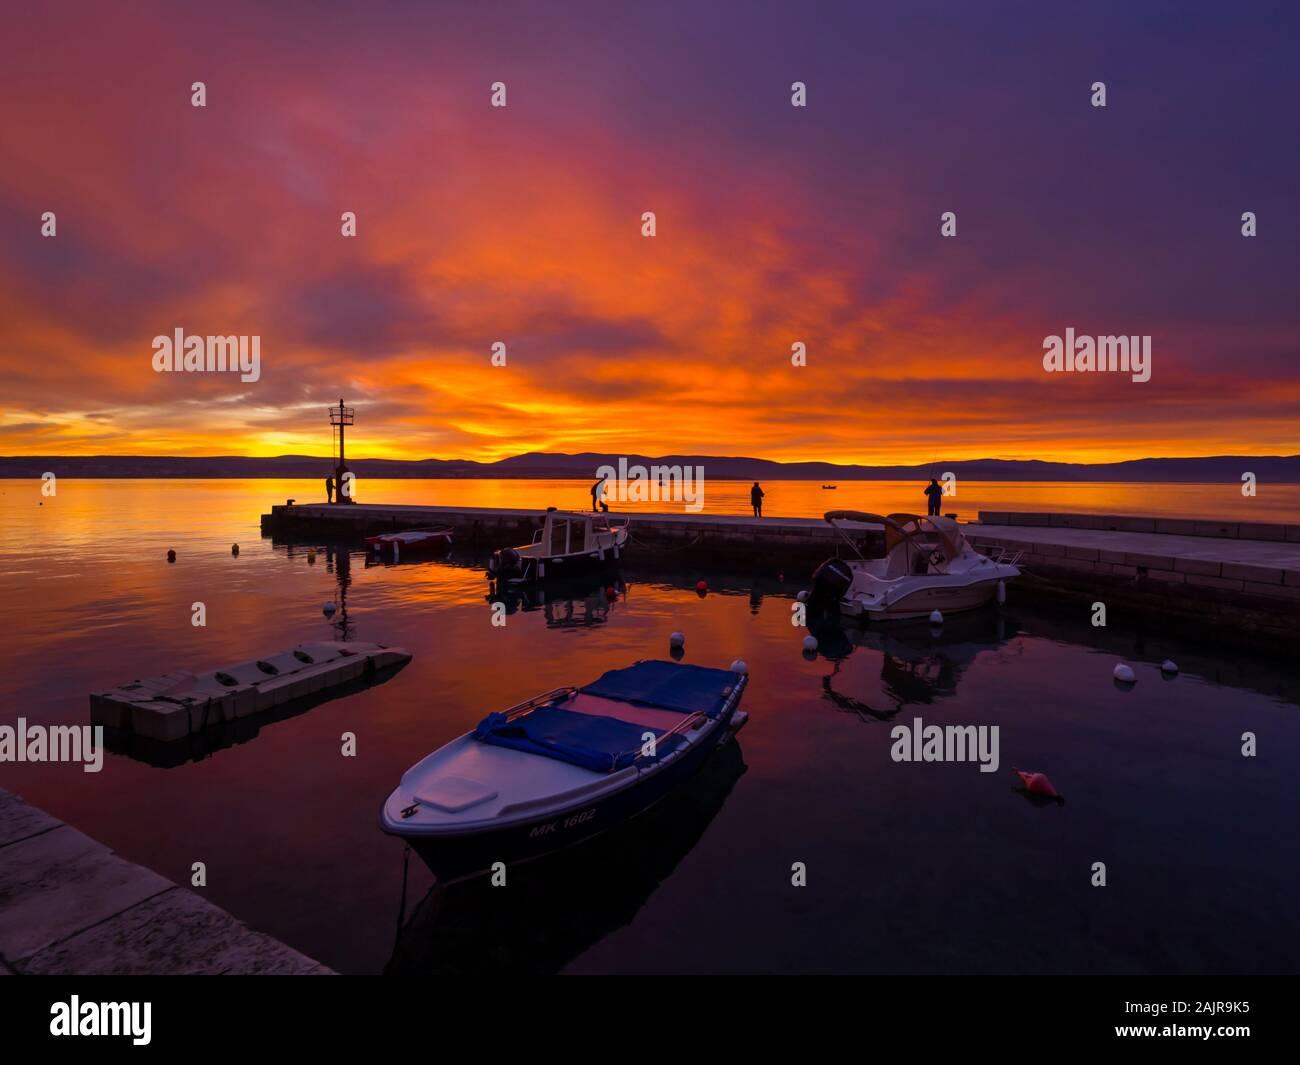 I pescatori prima del tramonto paesaggio nel piccolo porto di Malinska Croazia cielo gloriosa pacifica seawall atmosferica Ribarsko selo Haludovo Quarnaro Foto Stock